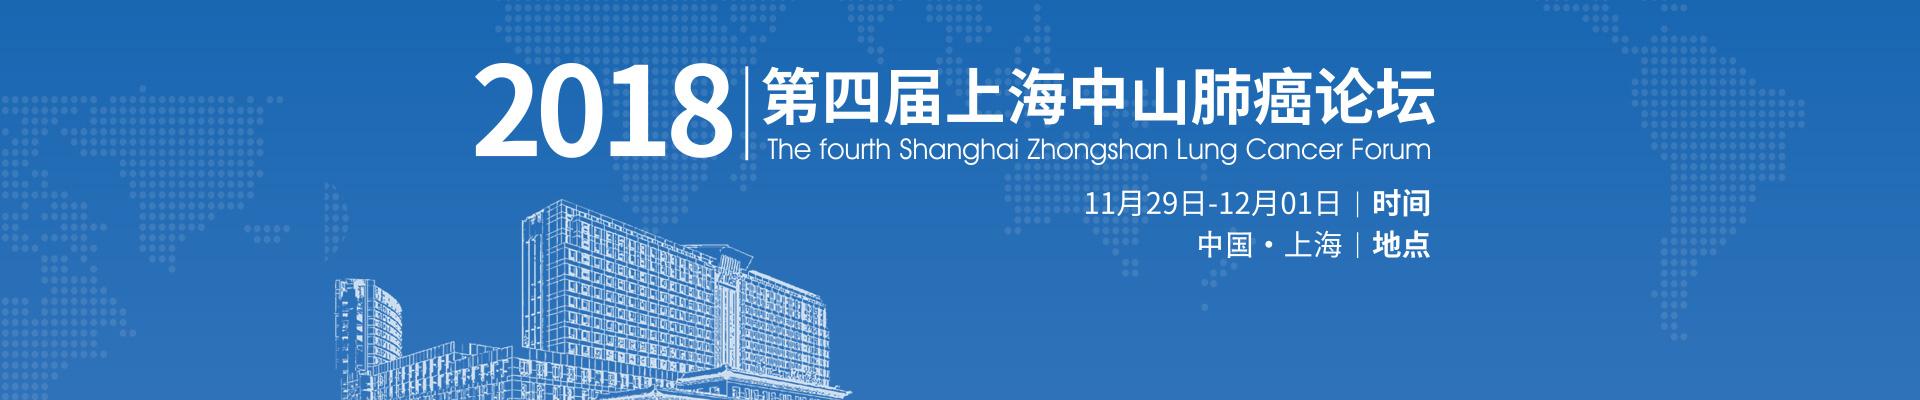 2018第四届上海中山肺癌论坛